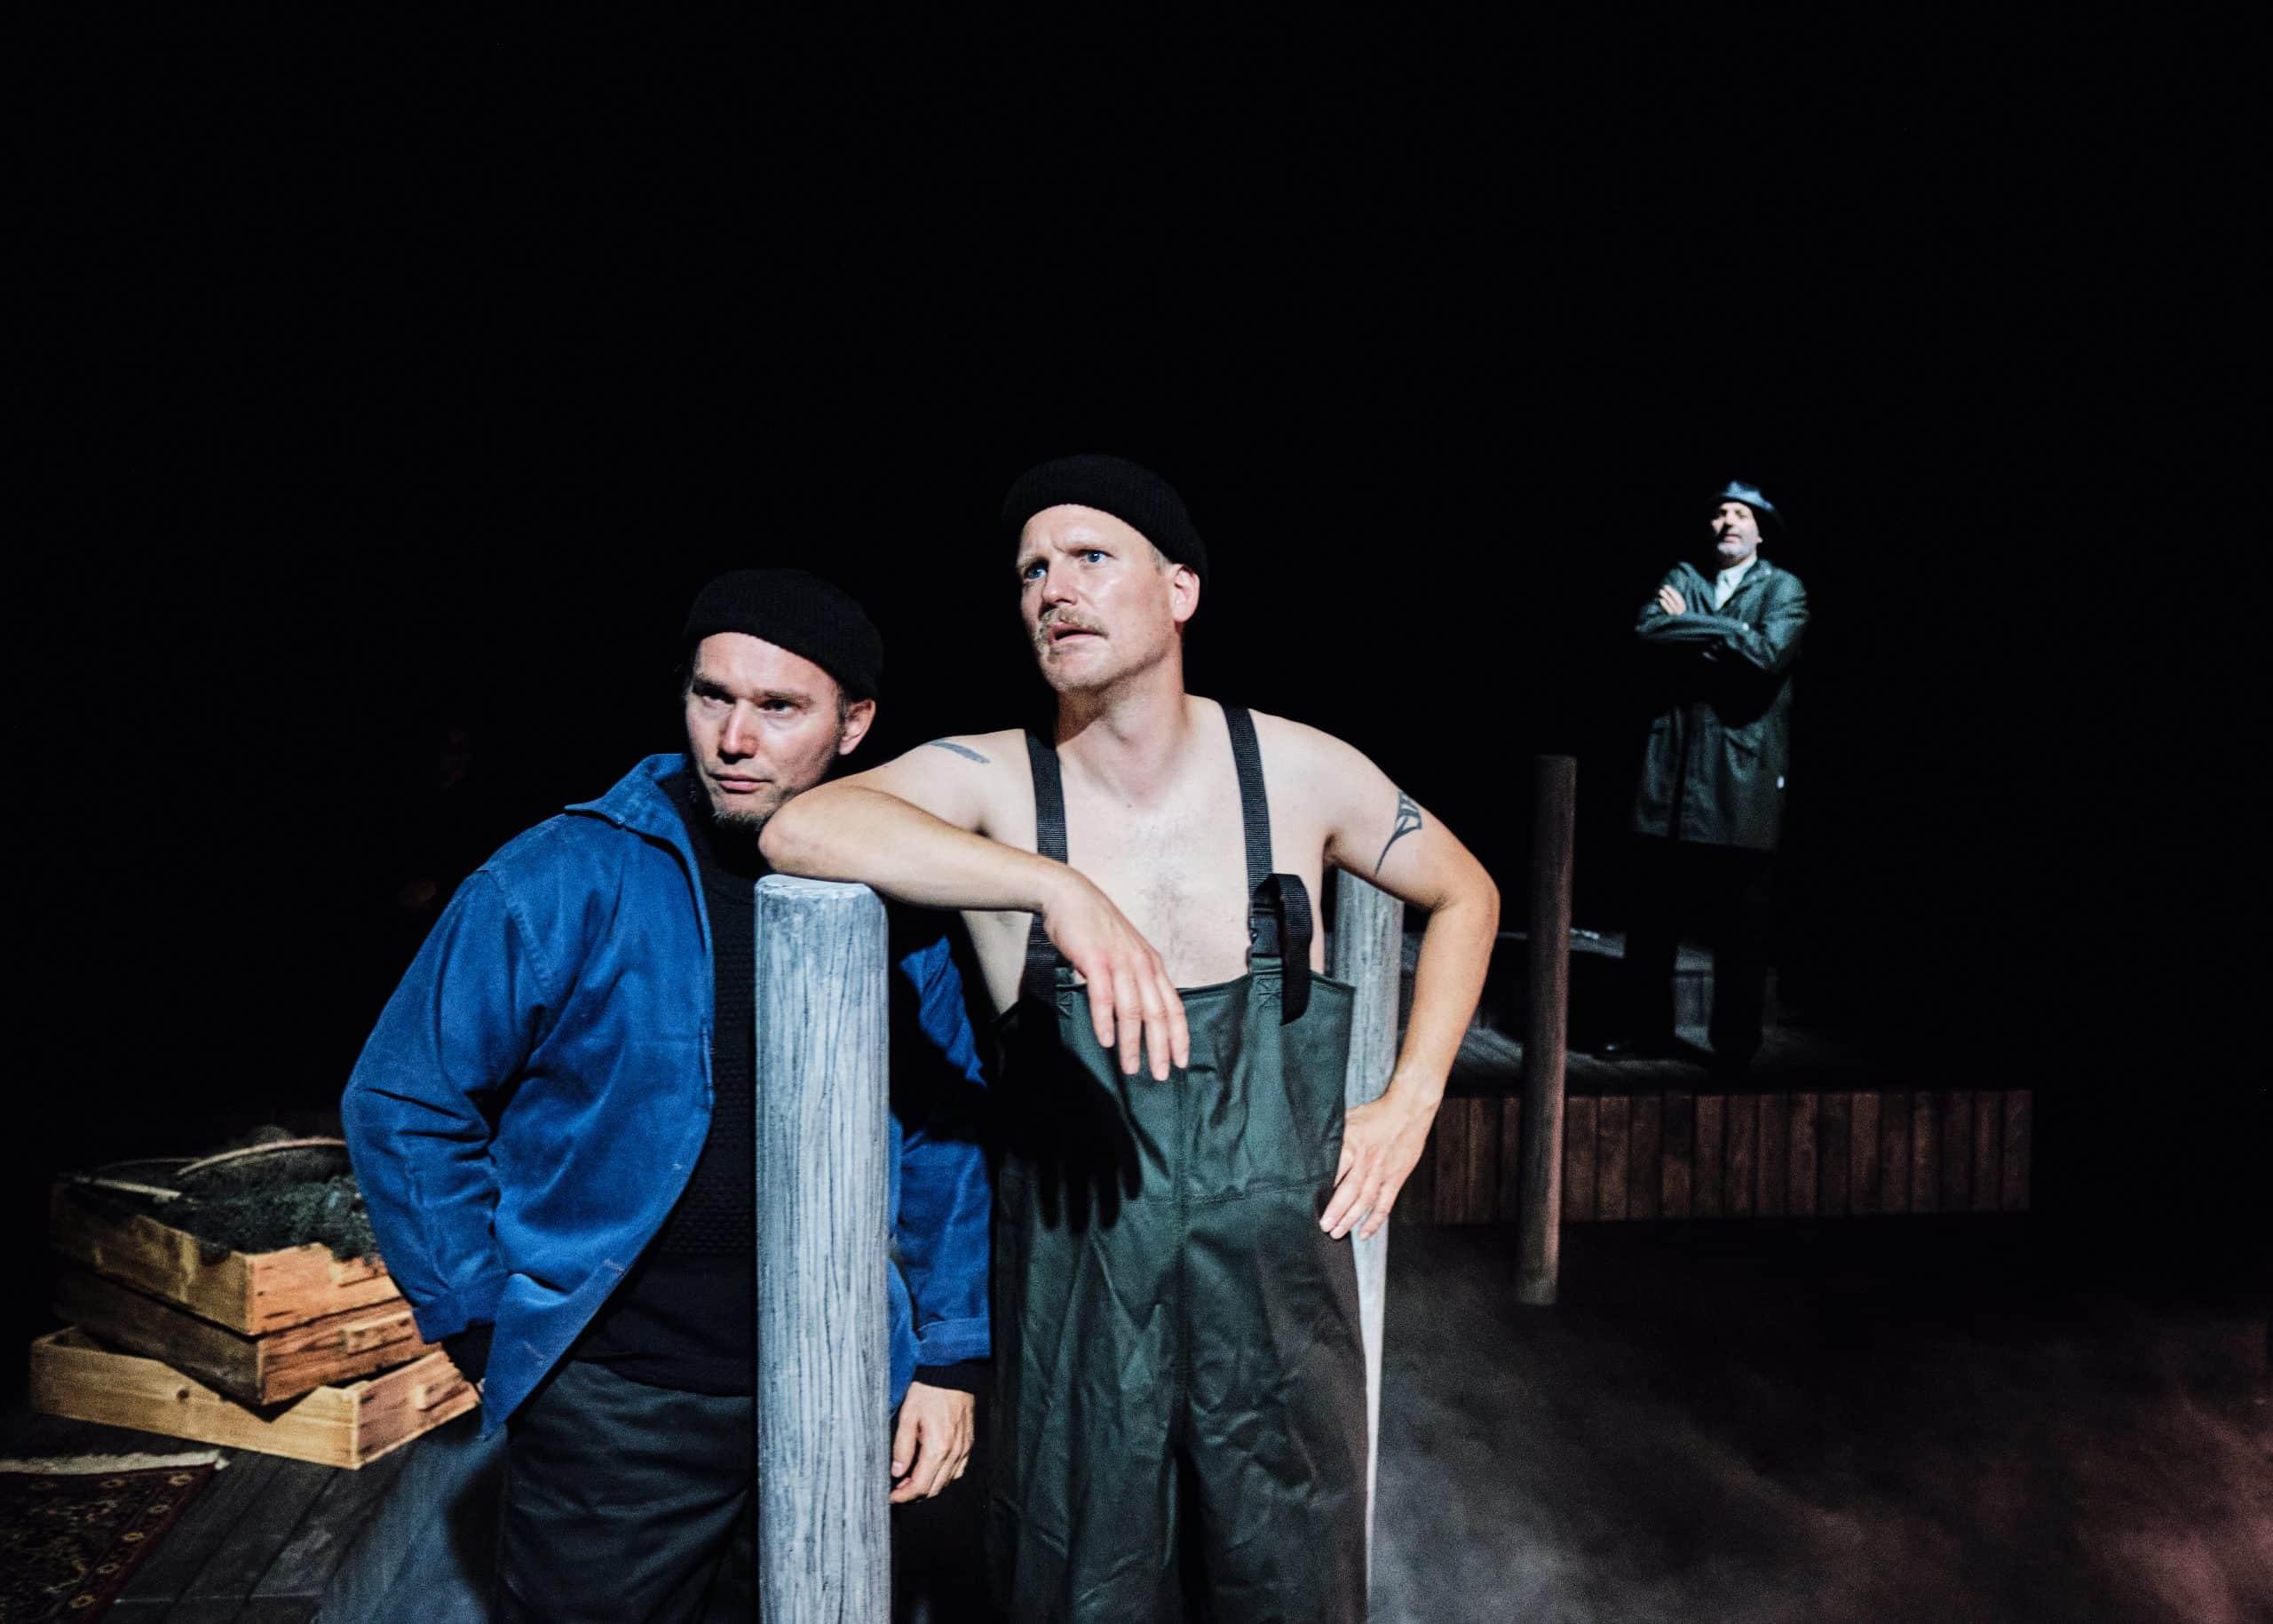 Anmeldelse: Fiskerne, Teater Nordkraft